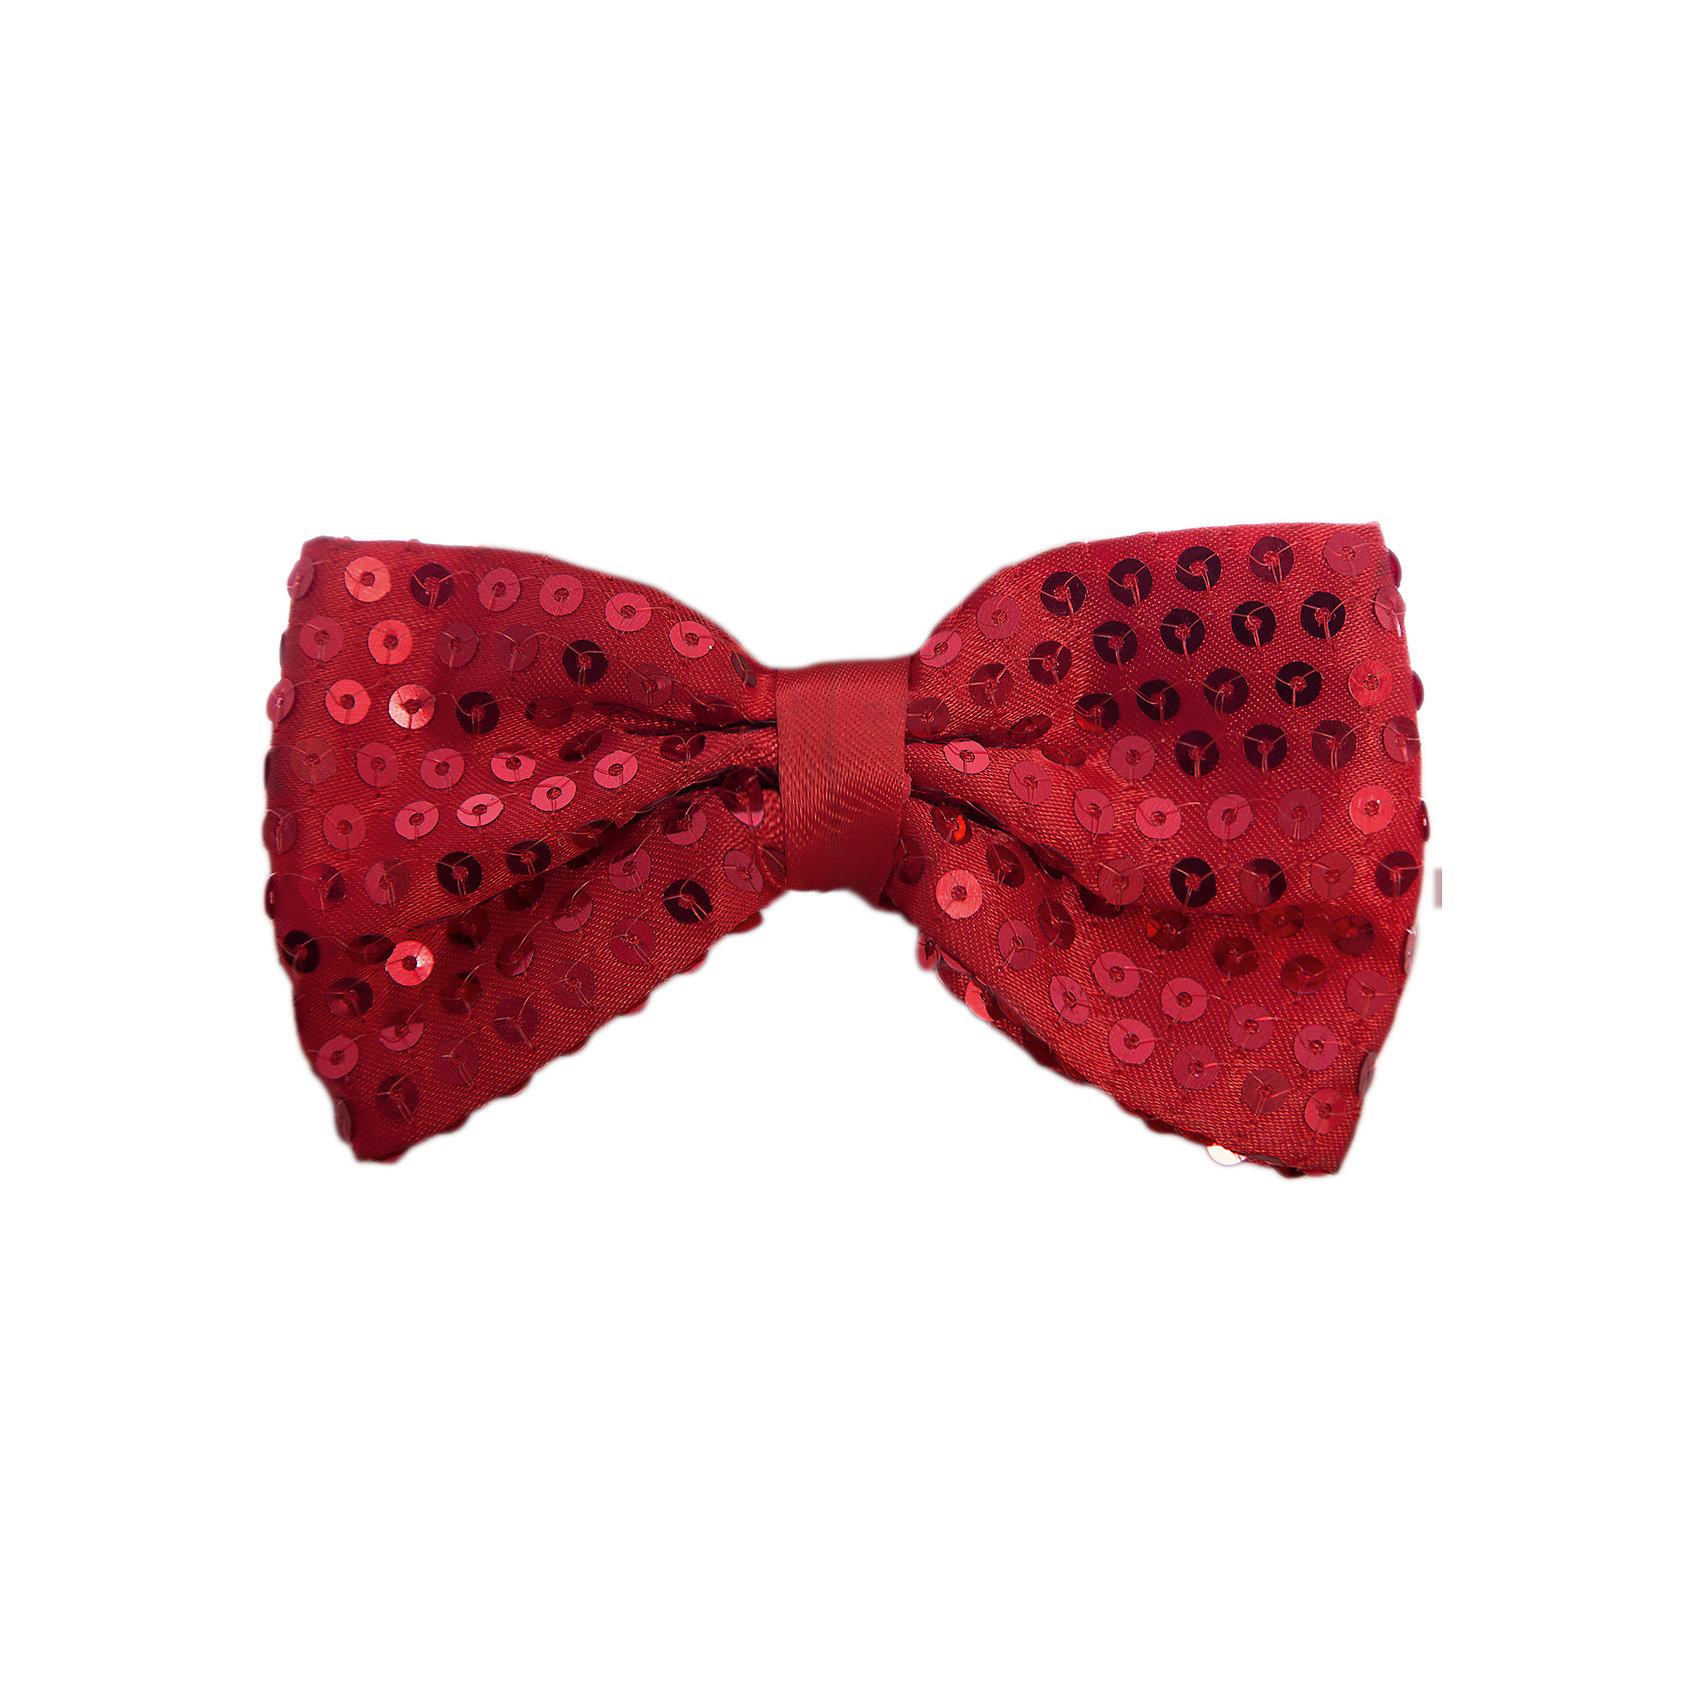 Маскарадный галстук-бабочка КрасныйБлестящий аксессуар - прекрасный вариант для новогодней вечеринки! Яркий маскарадный галстук-бабочка оживит любой образ или же сможет стать памятным презентом. <br><br>Дополнительная информация:<br><br>- Материал: полиэстер.  <br>- Размер: 10 см.<br>- На резинке. <br><br>Маскарадный галстук-бабочку Красный можно купить в нашем магазине.<br><br>Ширина мм: 310<br>Глубина мм: 120<br>Высота мм: 10<br>Вес г: 10<br>Возраст от месяцев: 36<br>Возраст до месяцев: 2147483647<br>Пол: Мужской<br>Возраст: Детский<br>SKU: 4981305